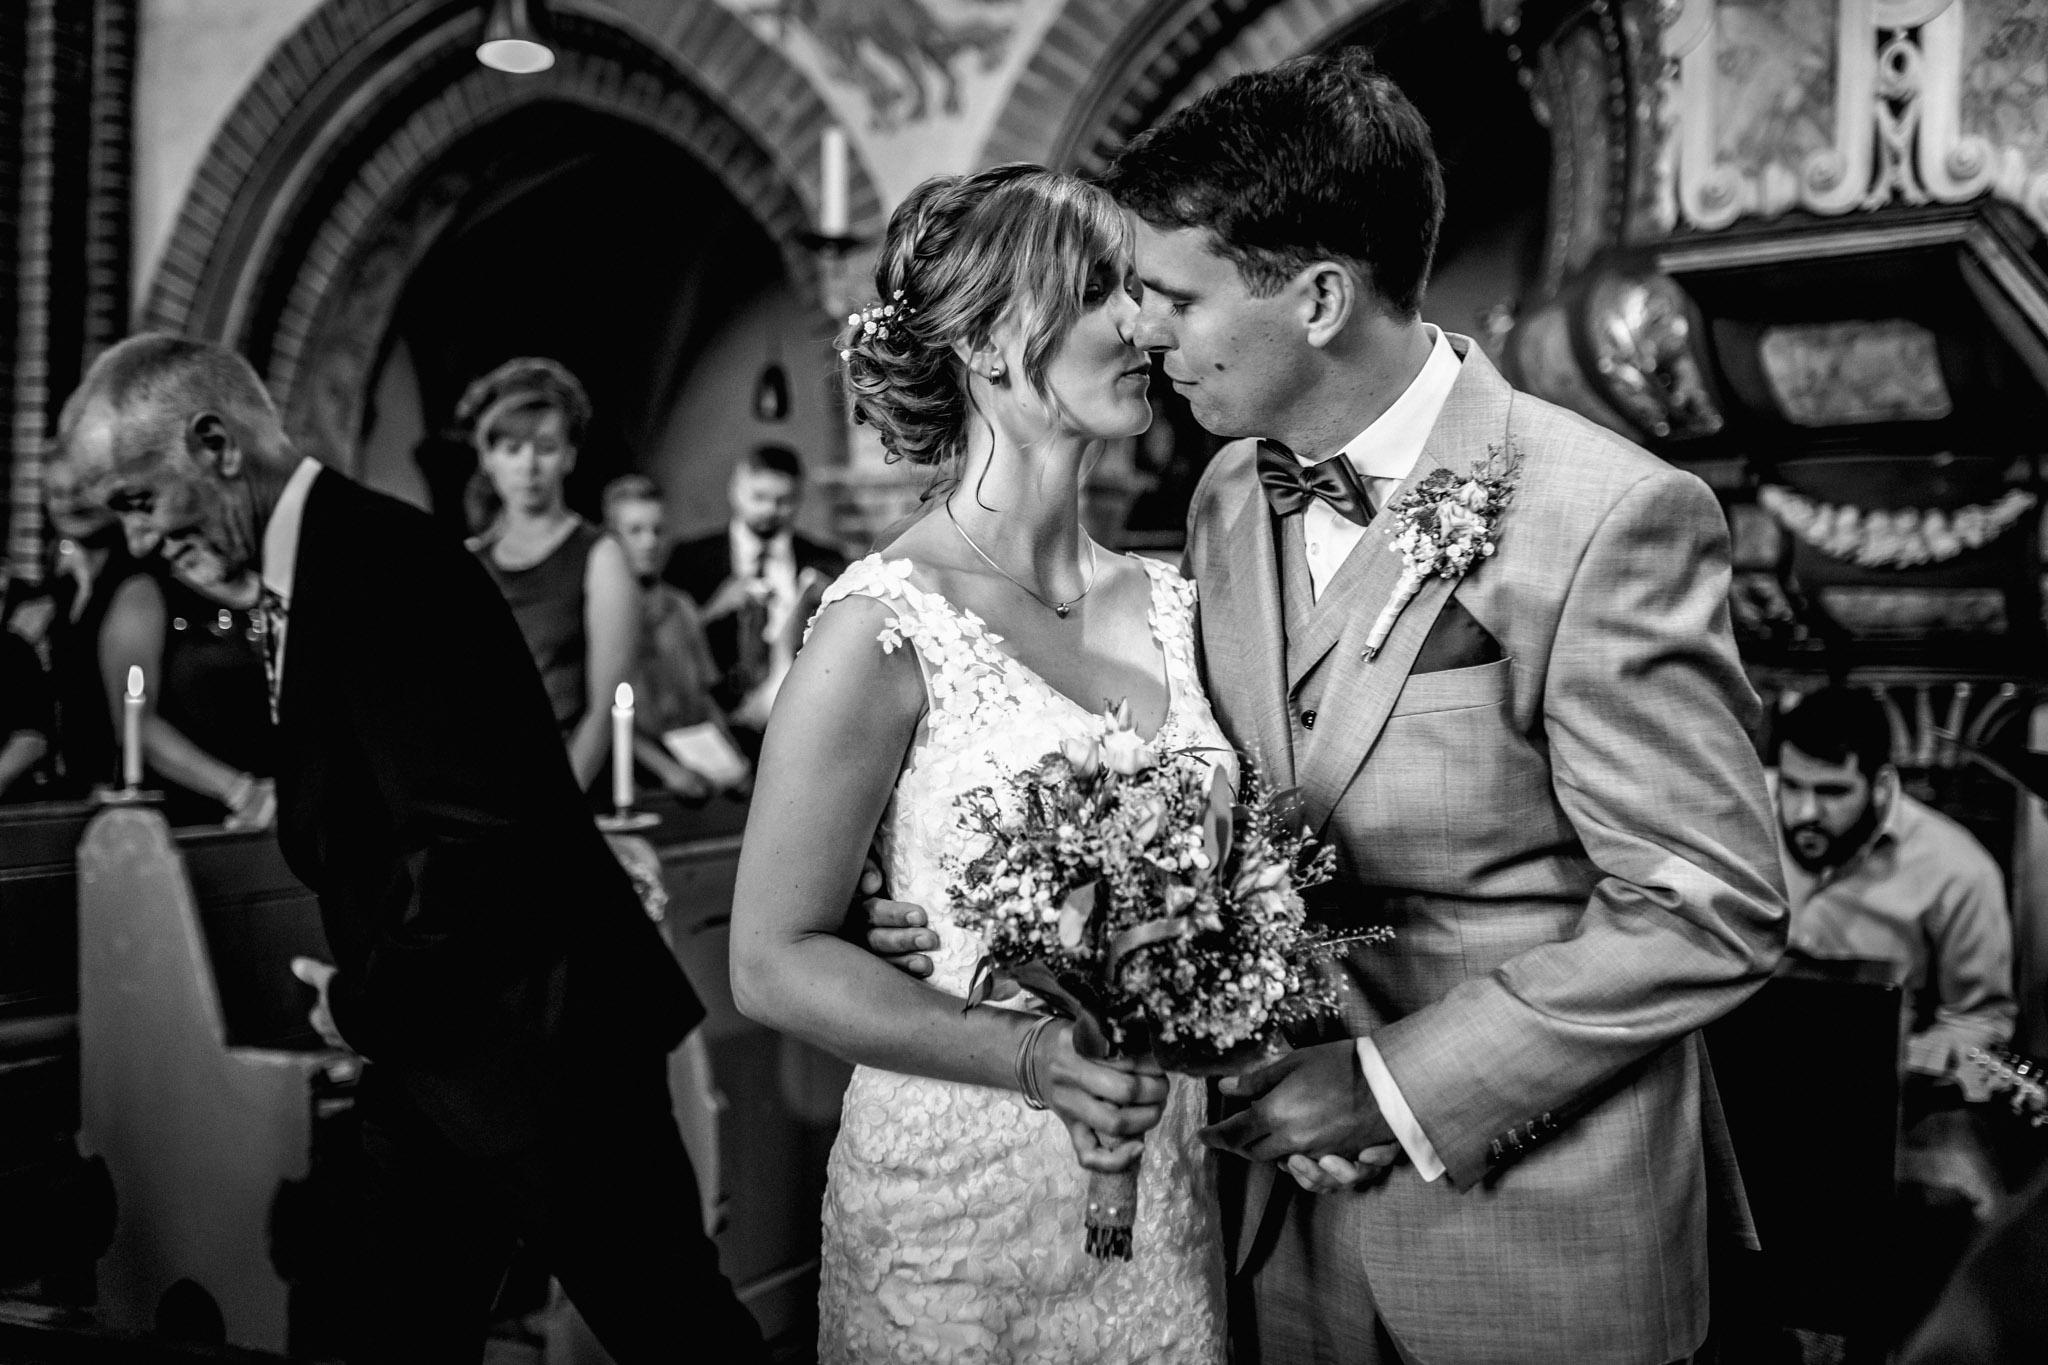 Sven Schomburg Hochzeitsfotografie, Hamburg, Mölln, Hochzeitsfieber by Photo-Schomburg, Hochzeitsreportage, Forsthaus Waldhusen, Braut, Bräutigam-28